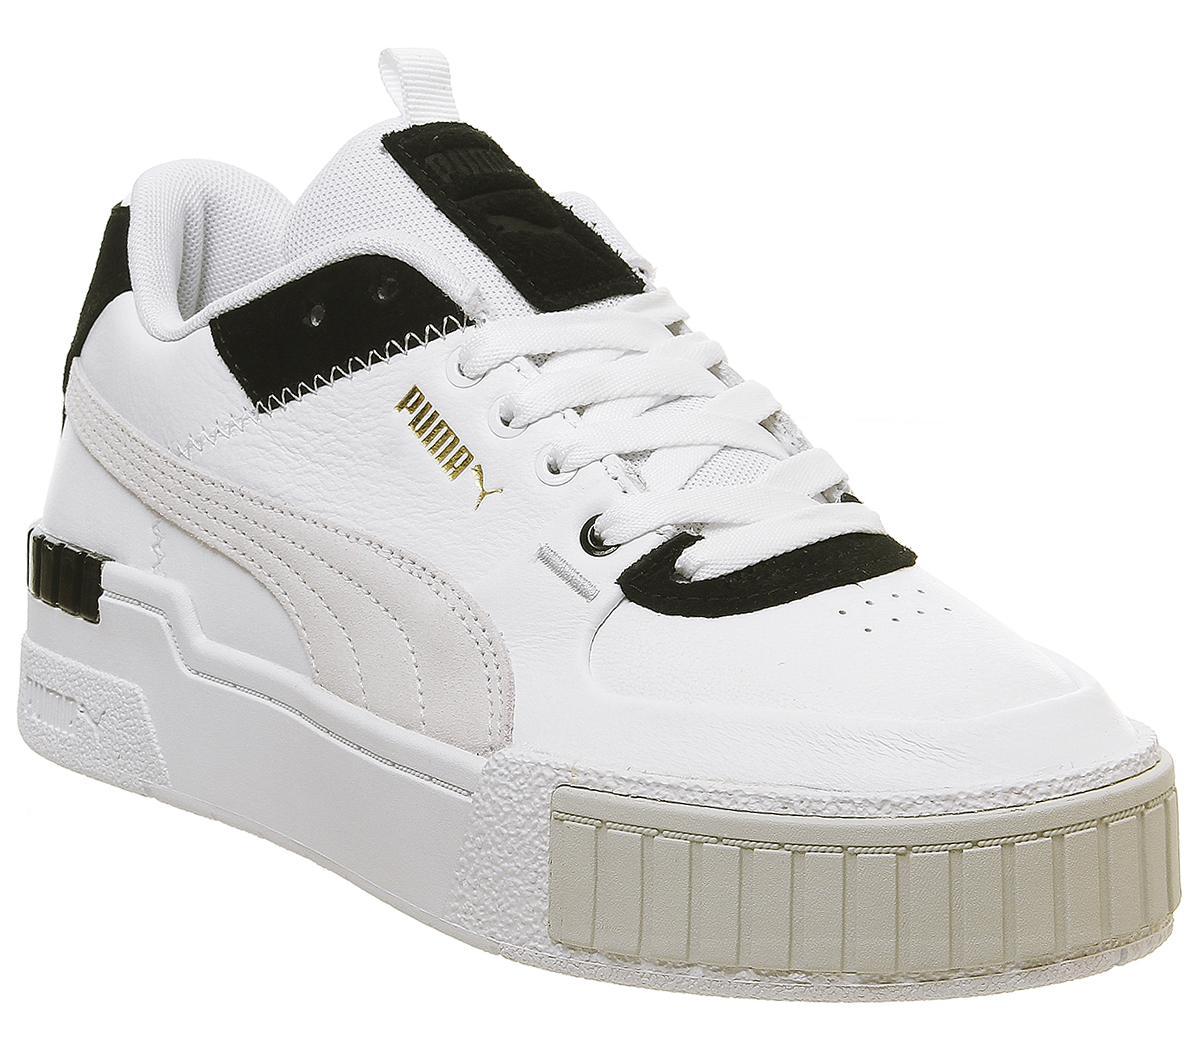 Puma Cali Sport Trainers White Black Sneaker damen